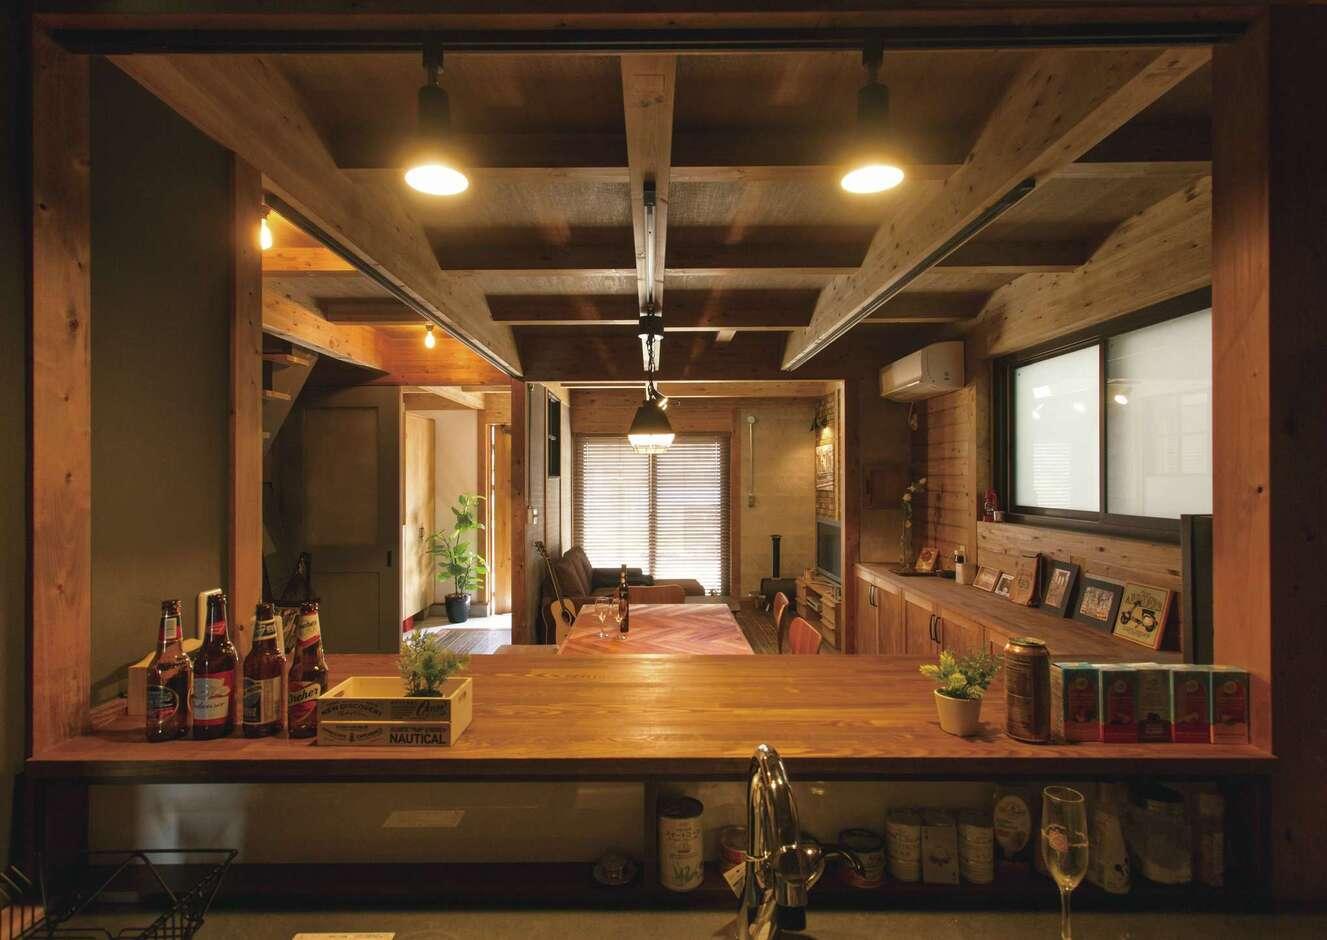 サイエンスホーム甲府店・笛吹店【1000万円台、デザイン住宅、間取り】三方向に建物が迫る住宅密集地で、積極的な採光が厳しいため、「夜」に映える空間づくりを目指した